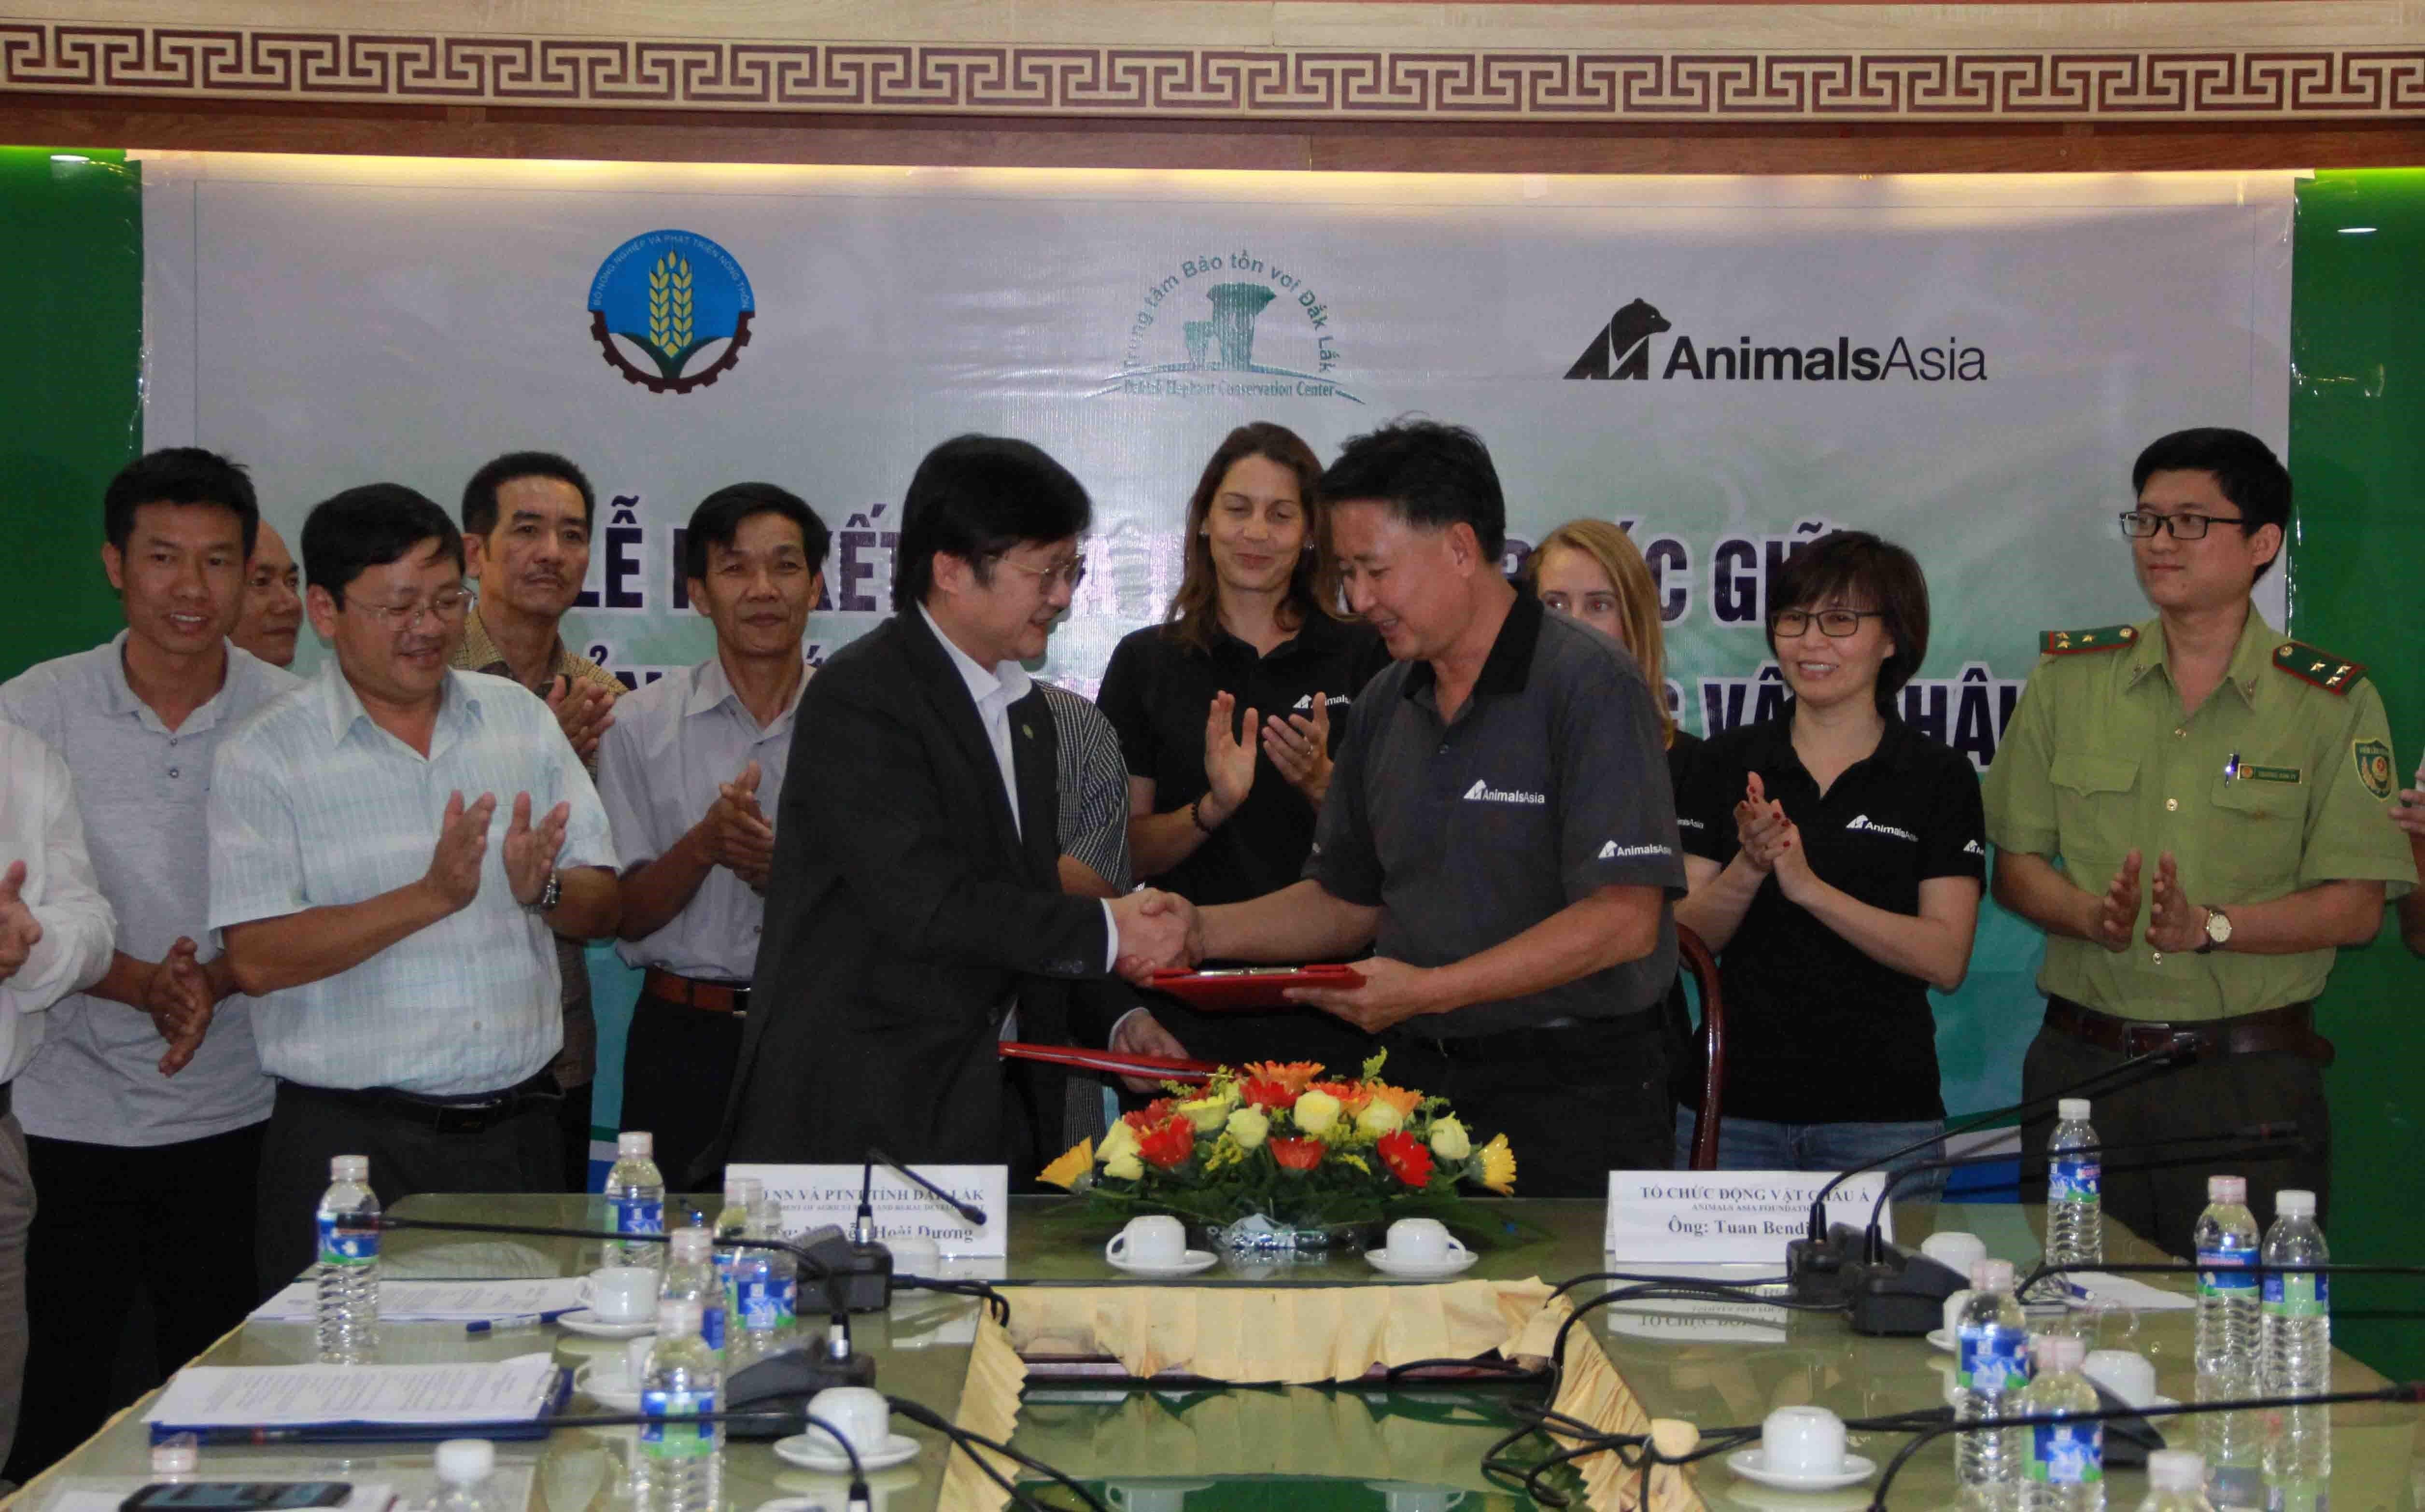 Đại diện Sở Nông nghiệp và Phát triển nông thôn tỉnh Đắk Lắk và đại diện Tổ chức Động vật Châu Á tại Việt Nam ký kết thỏa thuận bảo tồn voi ở Đắk Lắk giai đoạn 2019-2021 ngày 11/1/2019. (Ảnh: Phạm Cường/TTXVN)